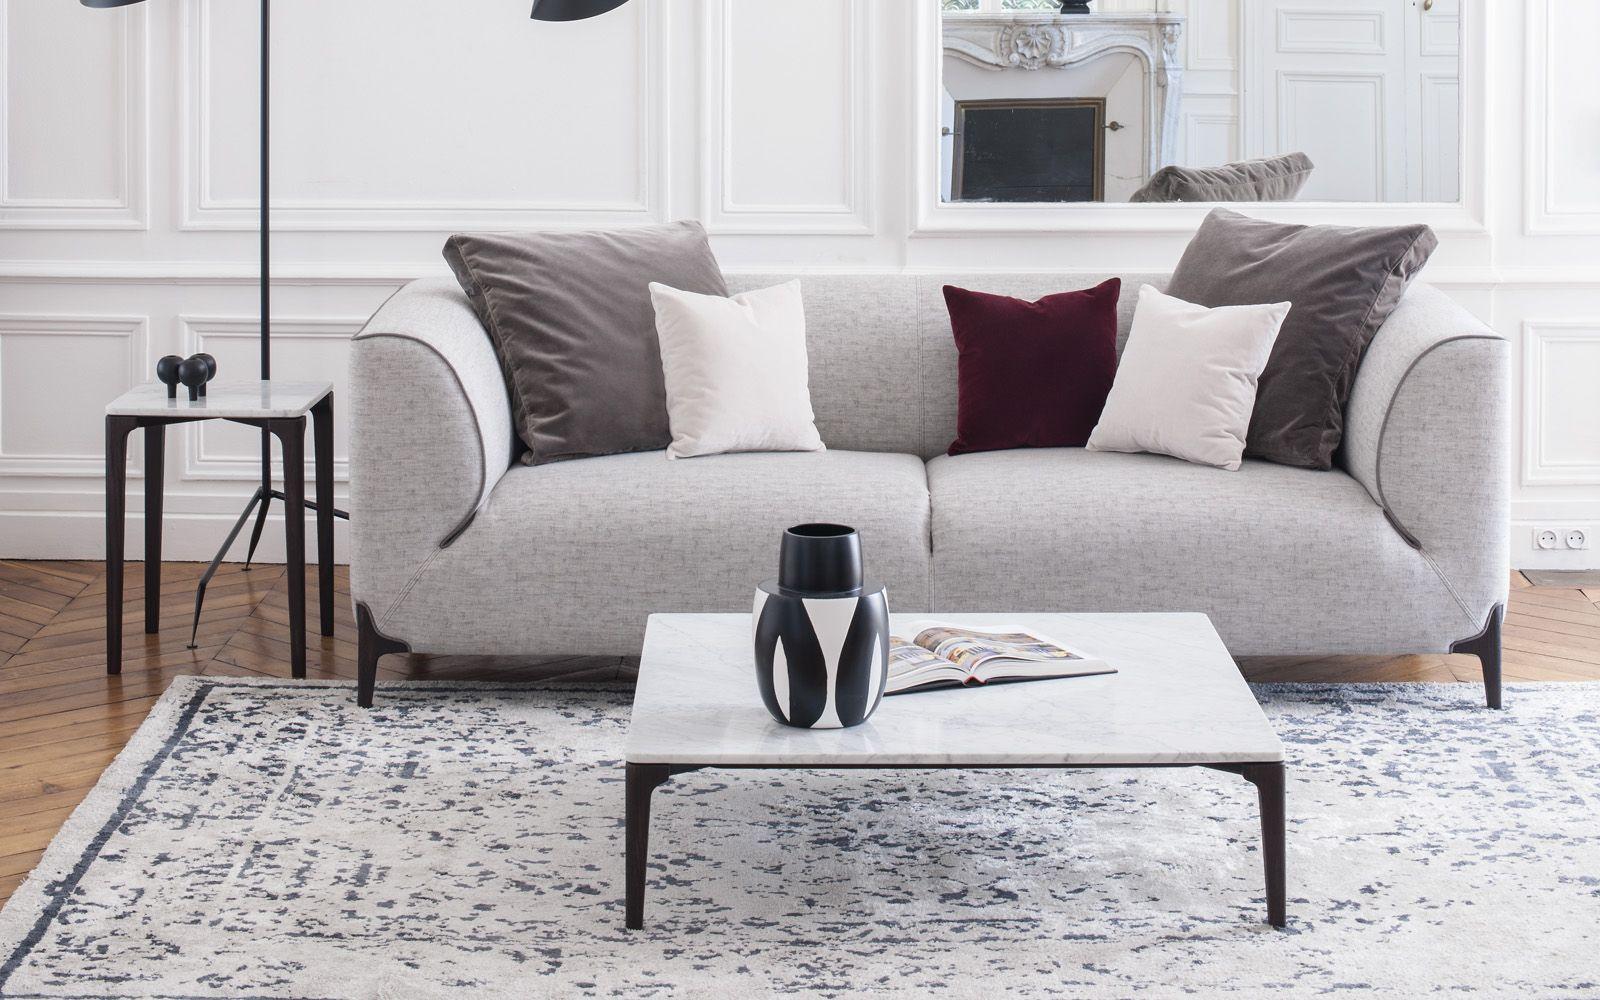 burov fabricant fran ais de canap s et fauteuils haut de gamme mobilier pinterest salons. Black Bedroom Furniture Sets. Home Design Ideas